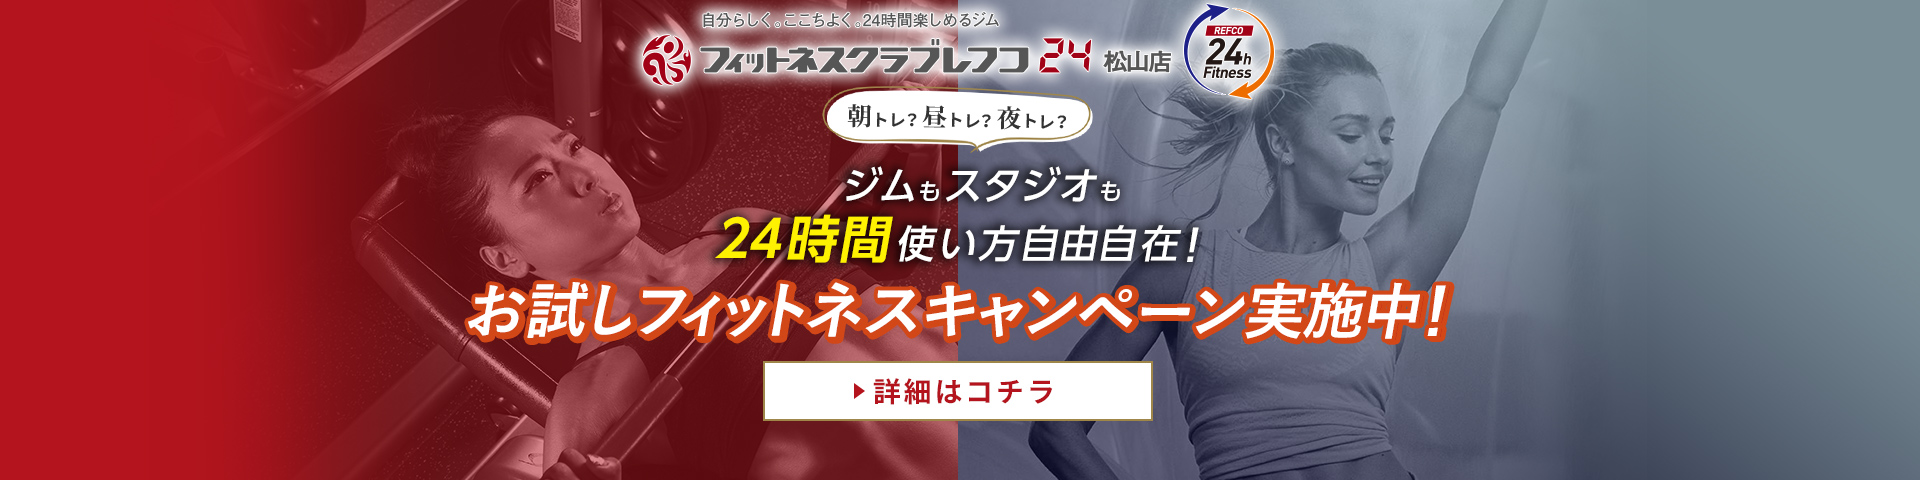 '21/09/01 お試しフィットネスキャンペーン実施中!